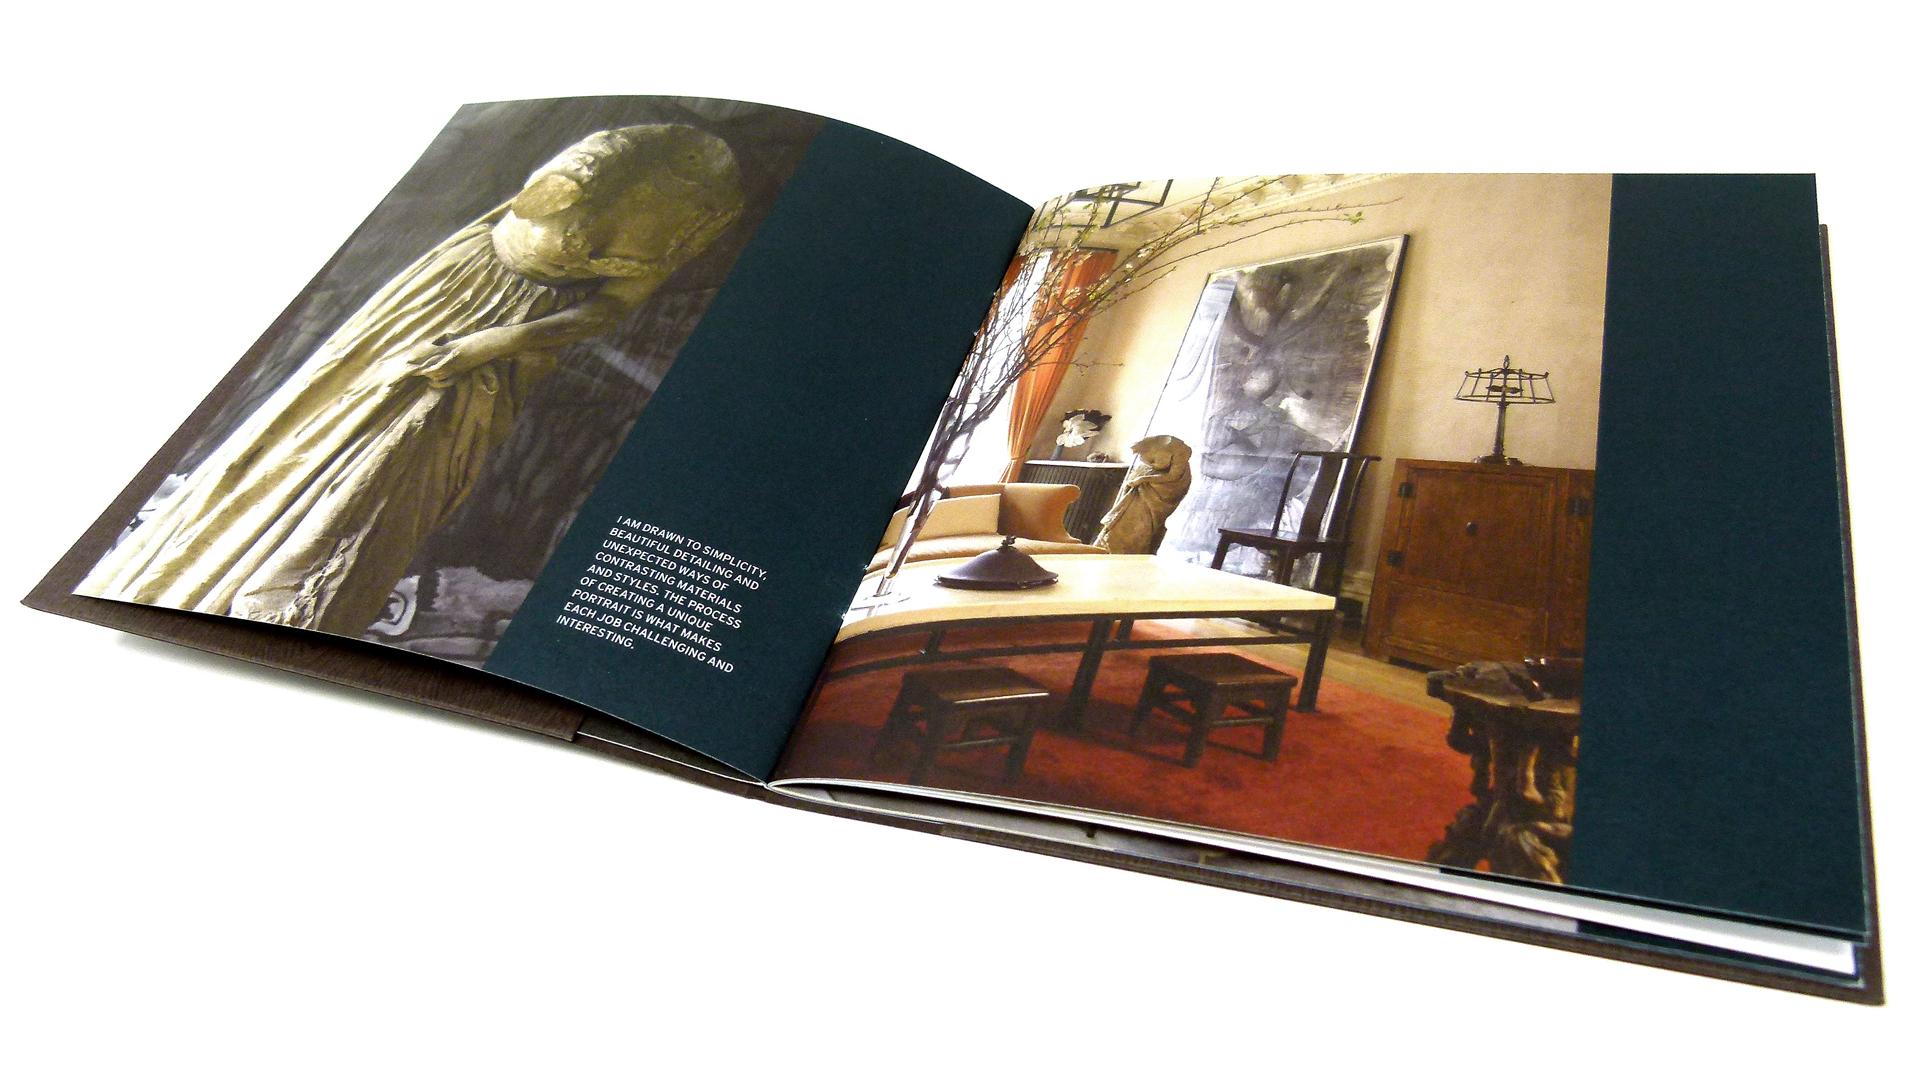 Kathryn Scott Design Studio - PaperSpecs